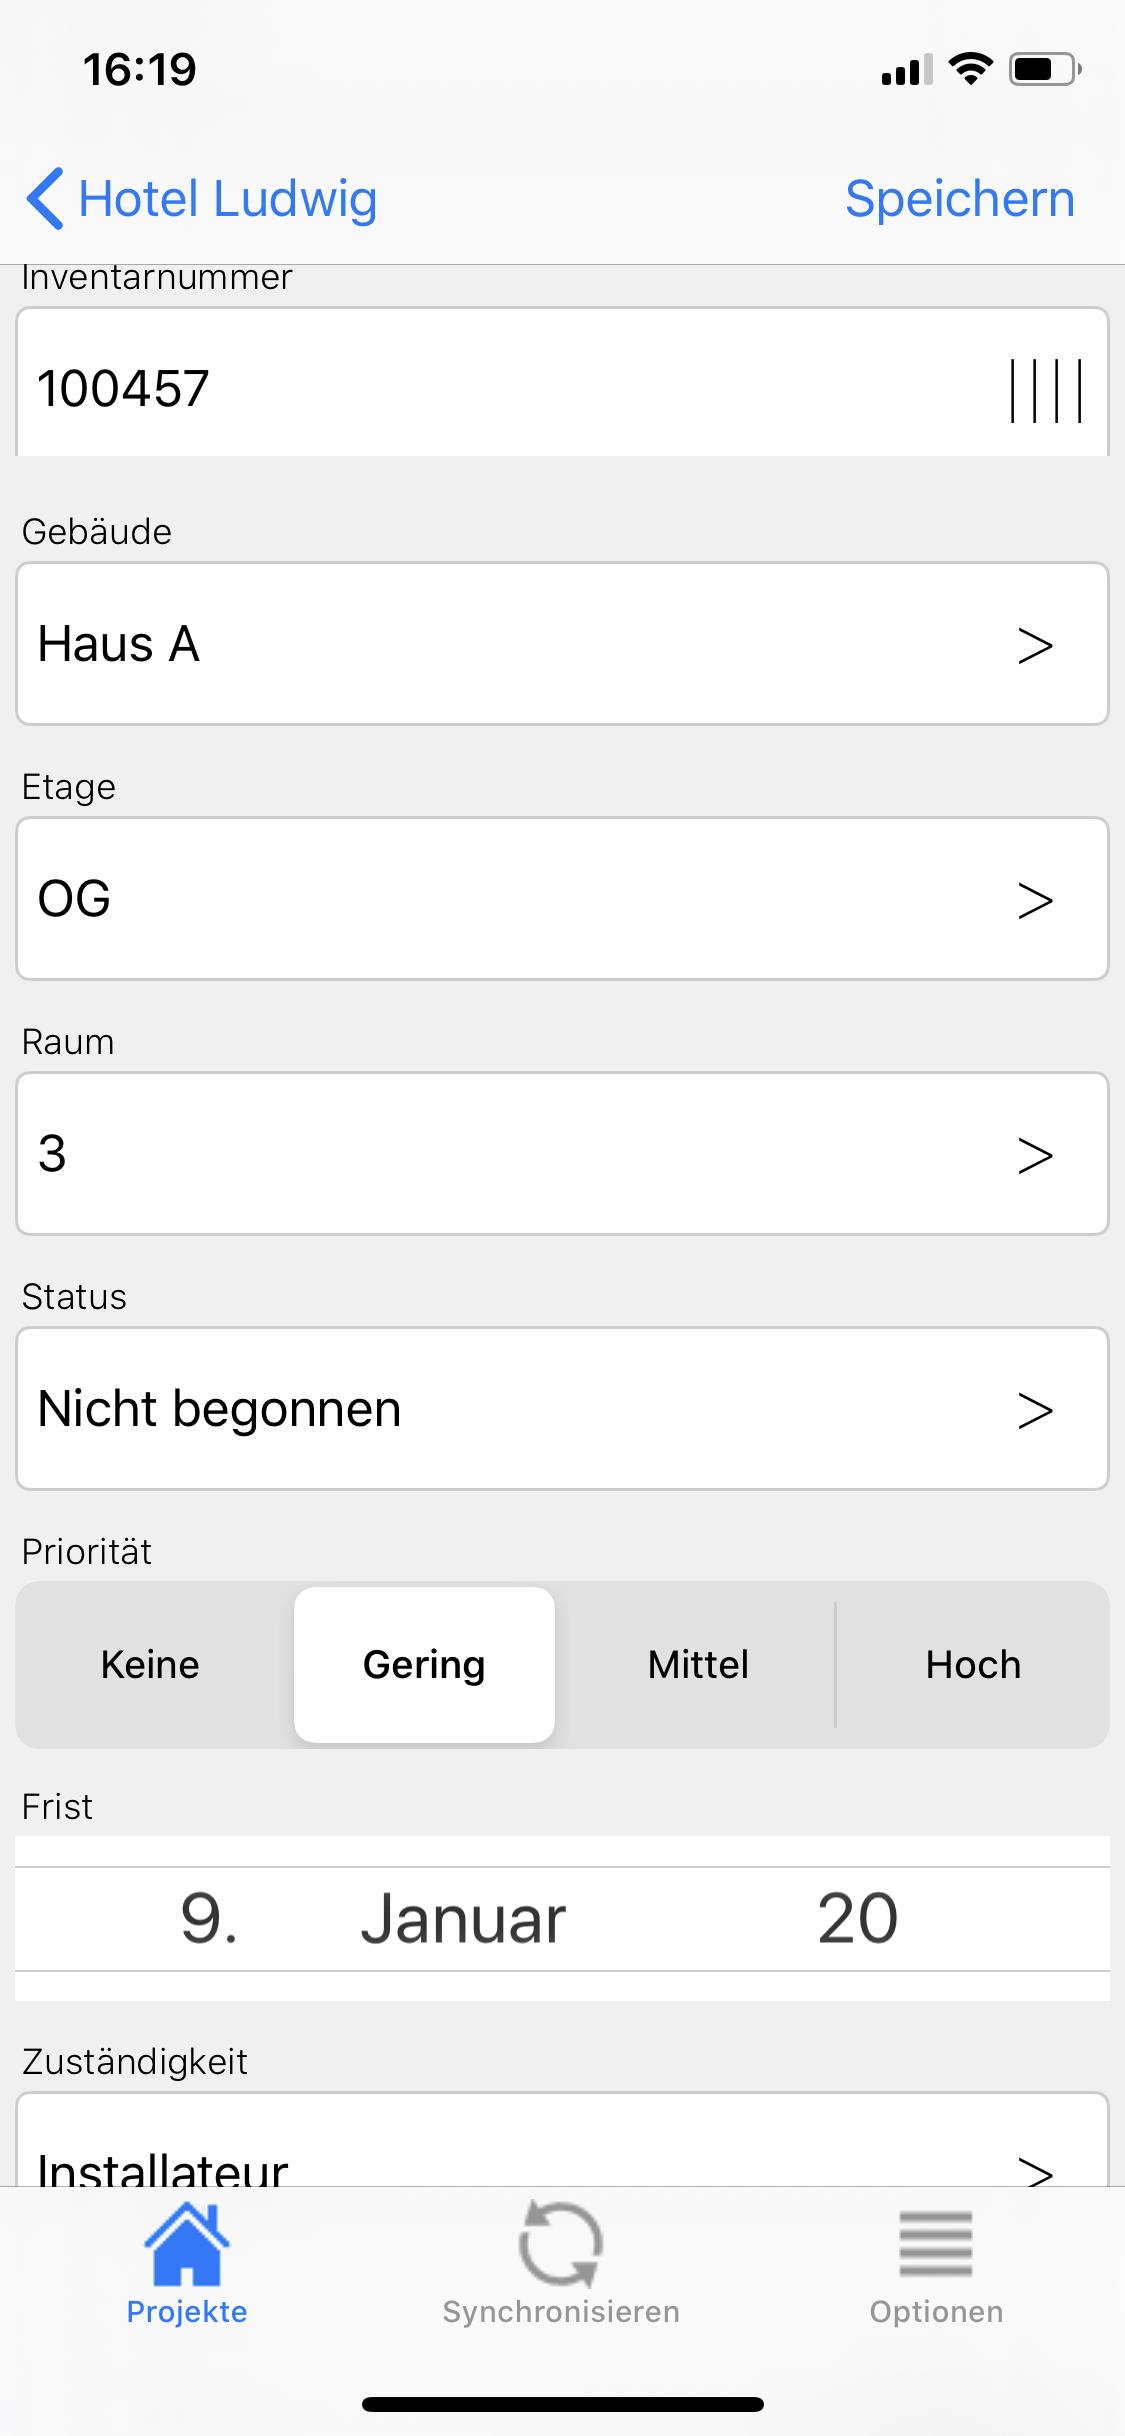 schott-dokumentieren-app-technische-details-kevox-go